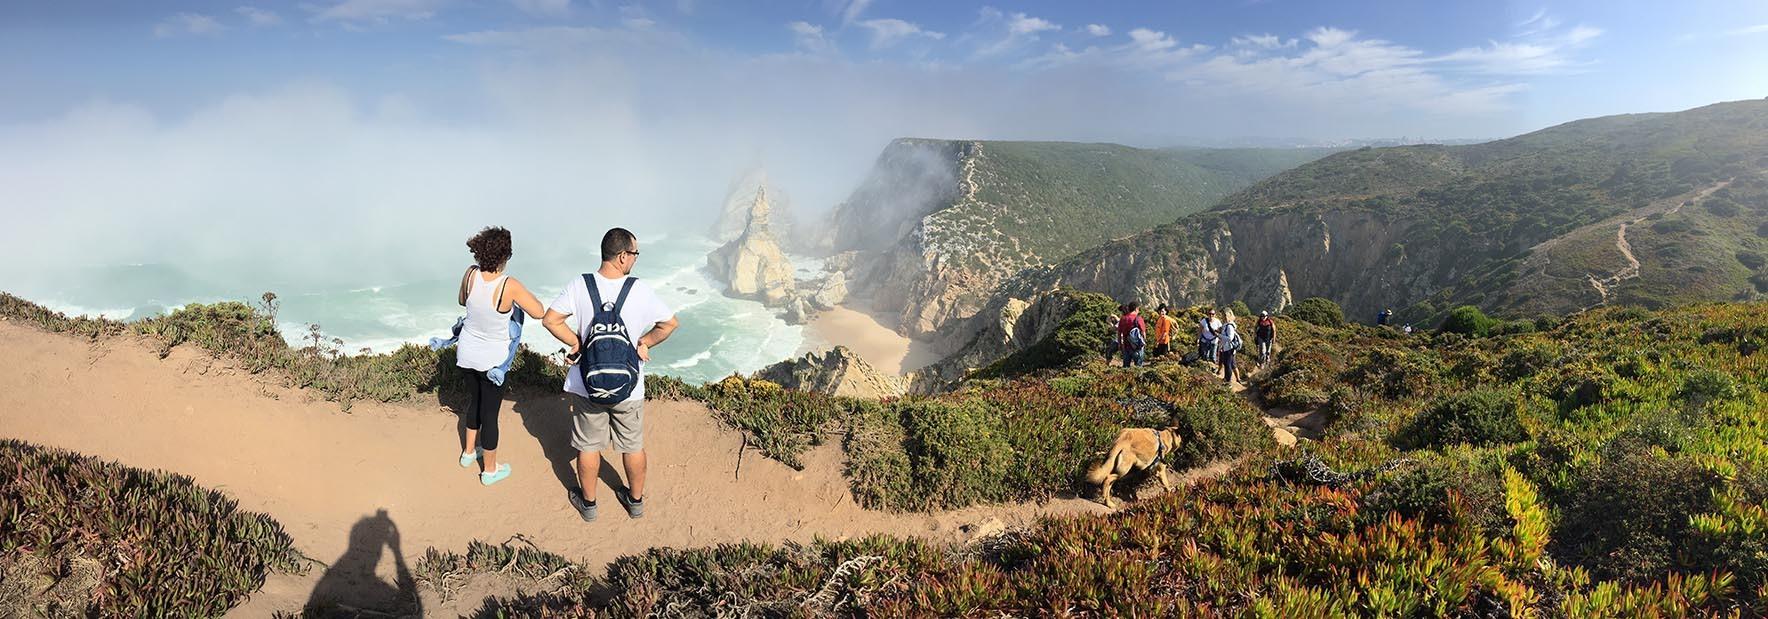 Caminhada Adraga/Cabo da Roca/Adraga